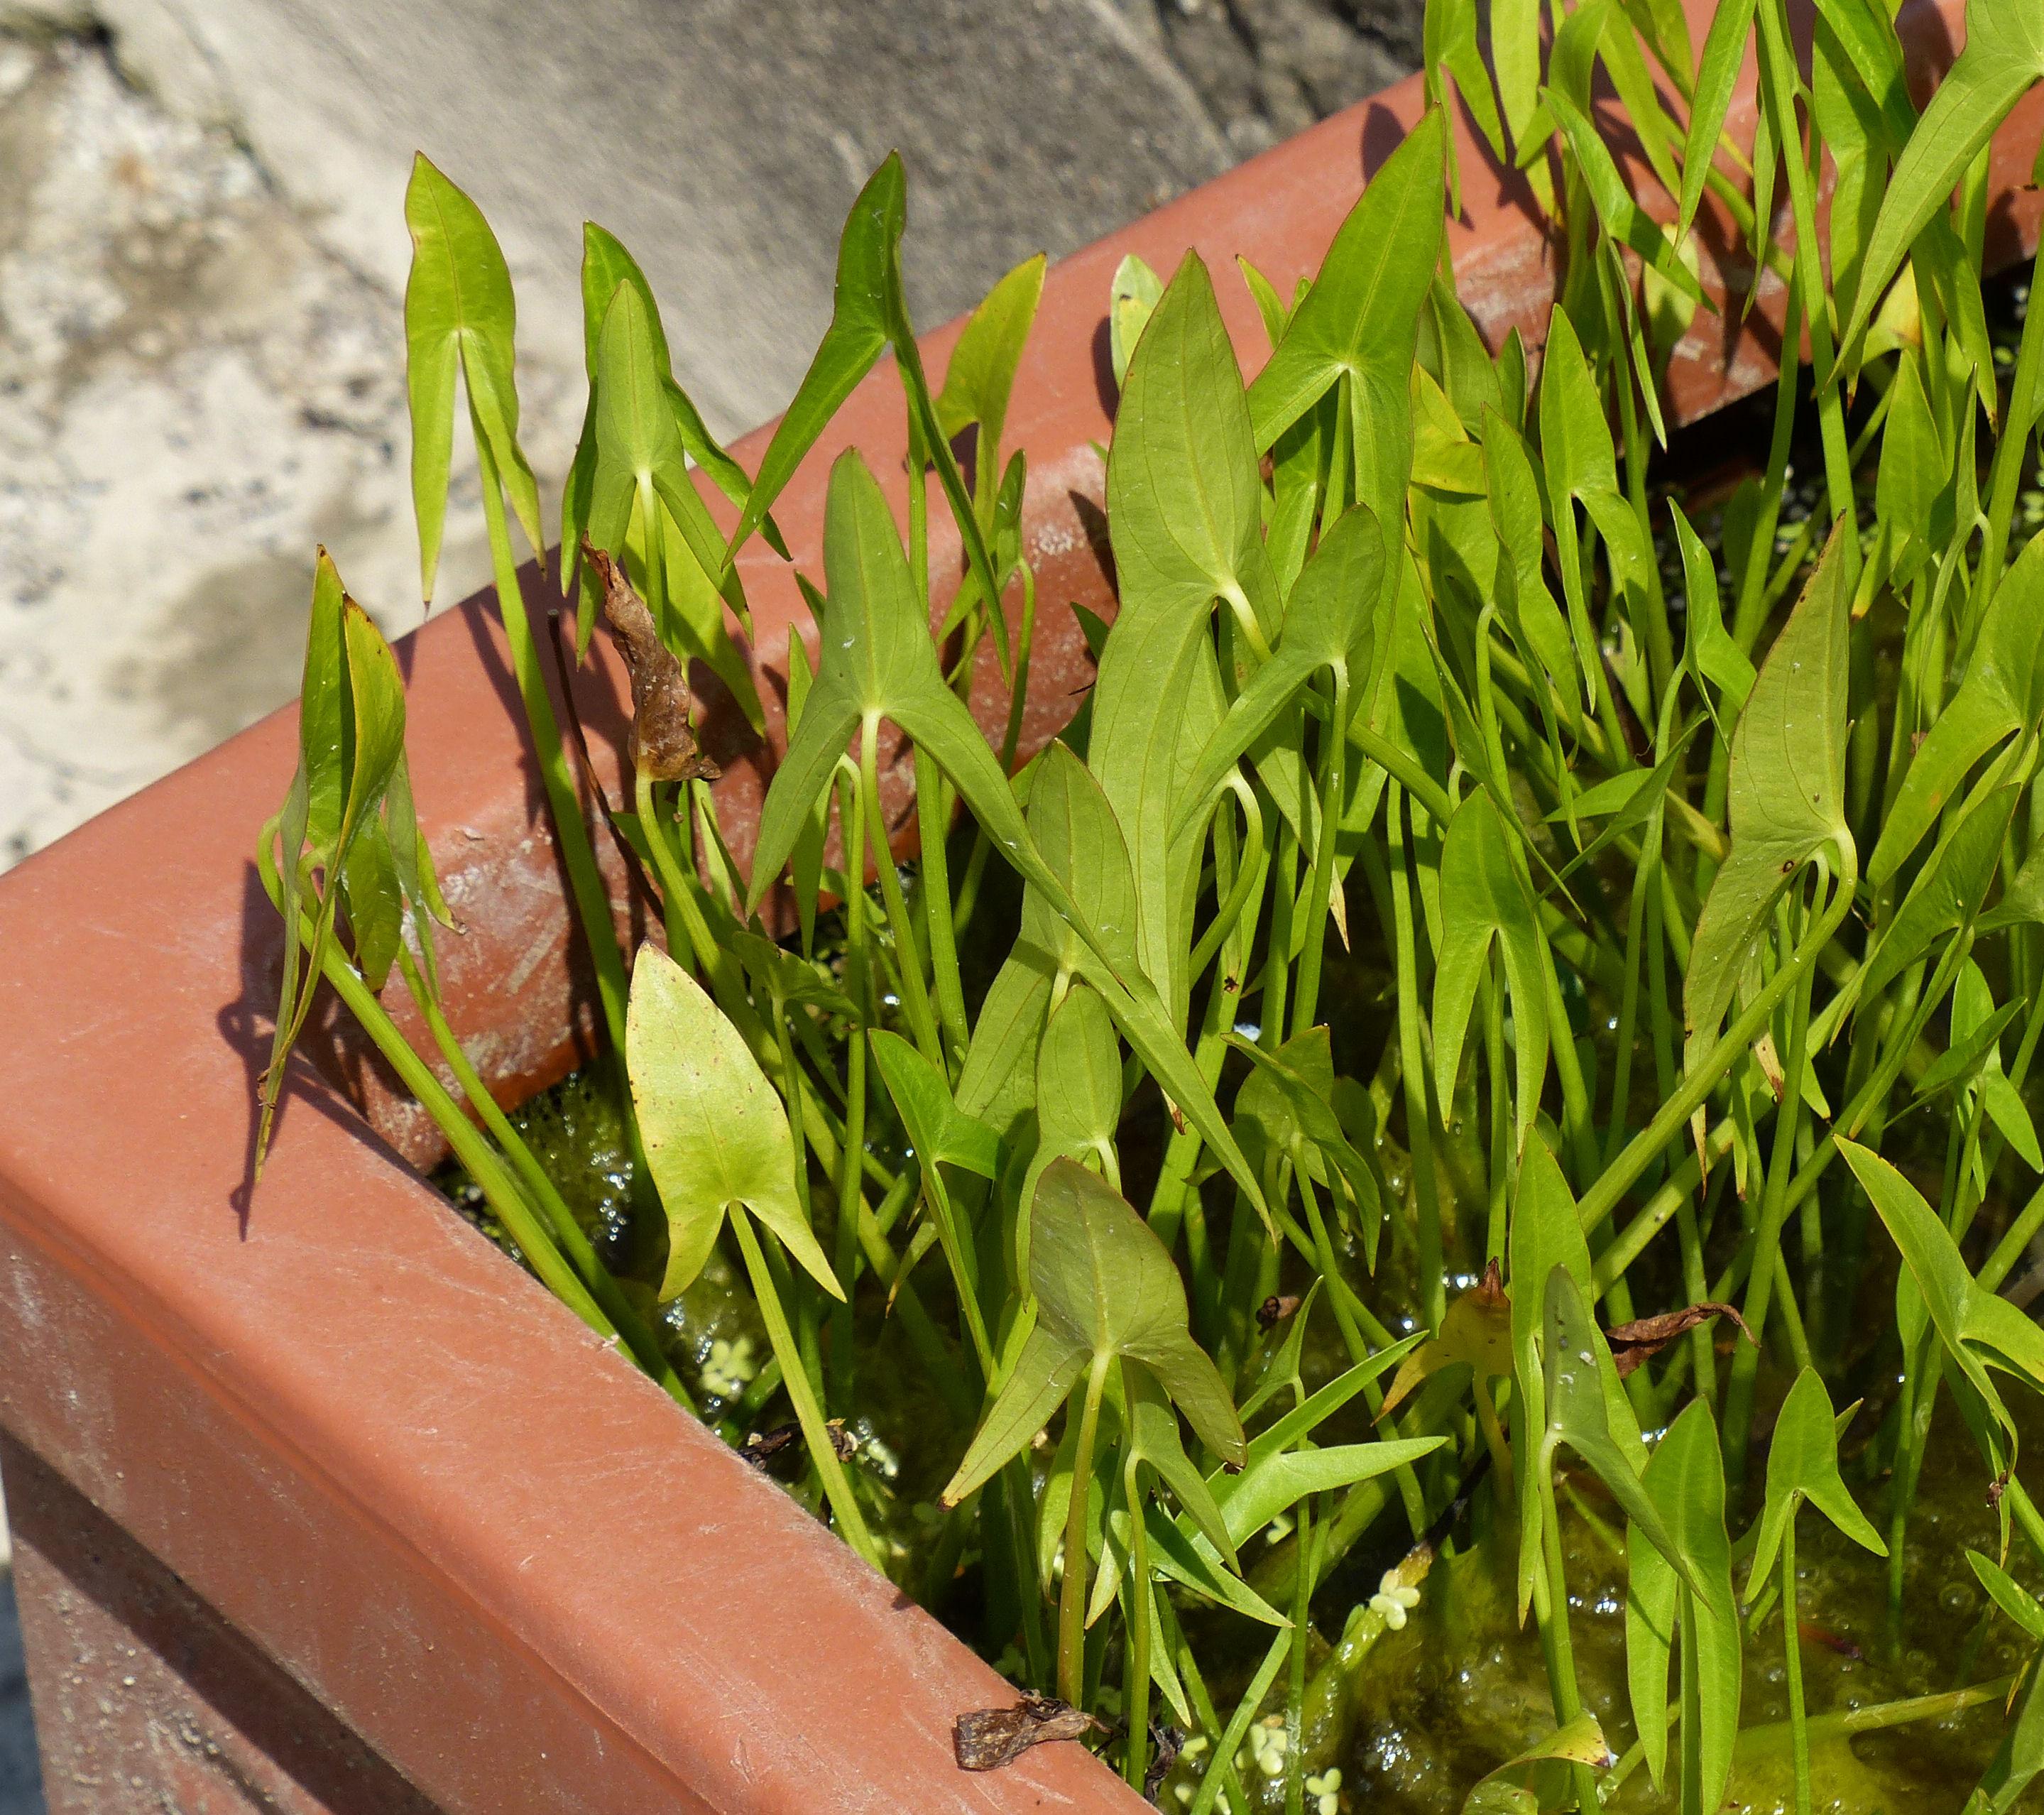 © Dipartimento di Scienze della Vita, Università di Trieste<br>by Andrea Moro<br>Comune di Padova, Orto Botanico, PD, Veneto, Italia, 25/06/2016<br>Distributed under CC-BY-SA 4.0 license.